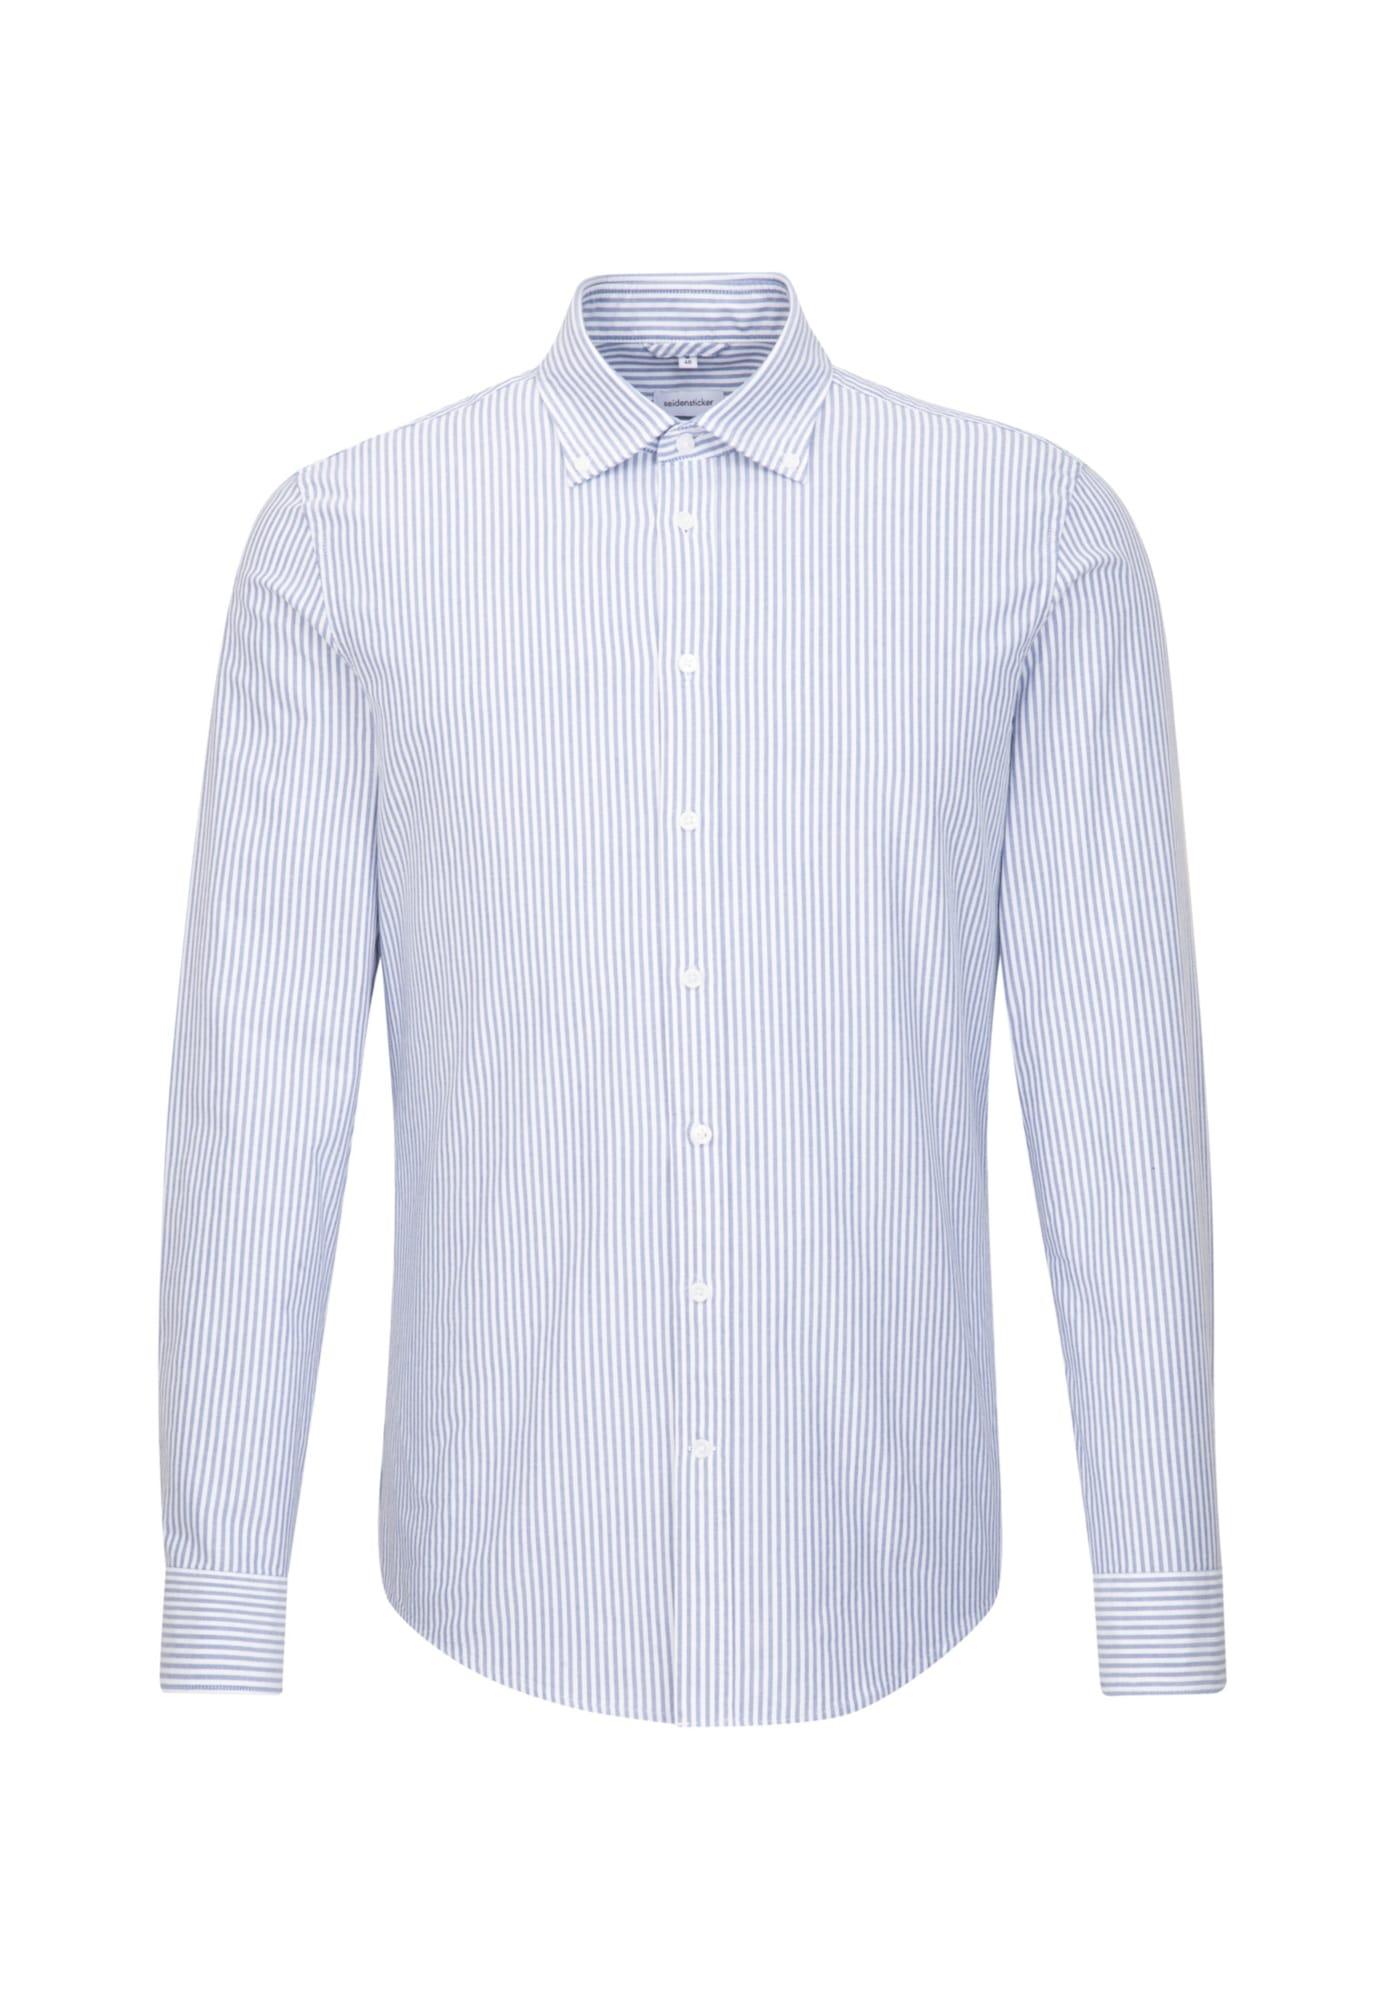 SEIDENSTICKER Dalykinio stiliaus marškiniai mėlyna dūmų spalva / balta